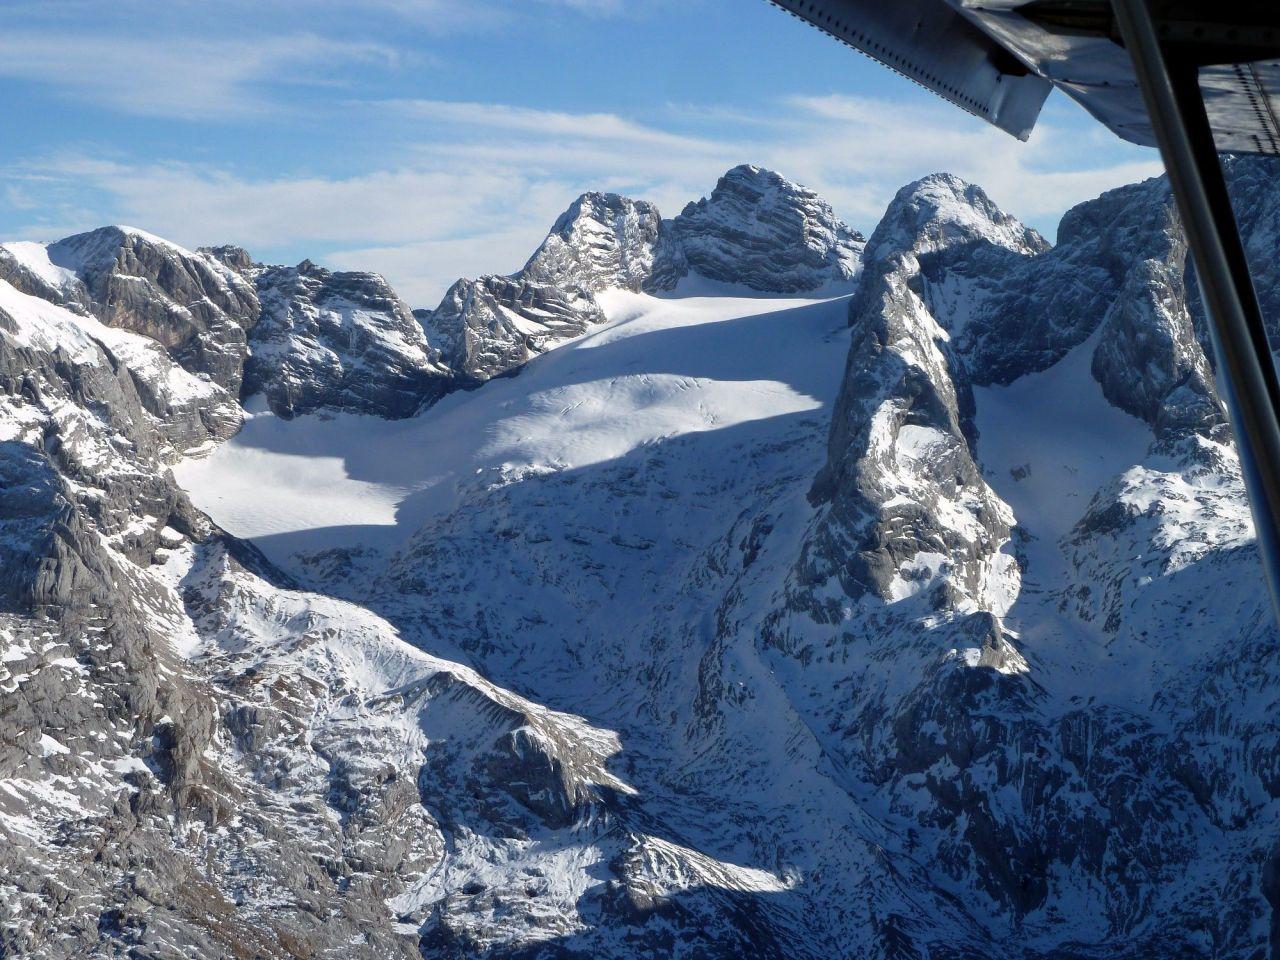 Alpenflug_Dachstein_1